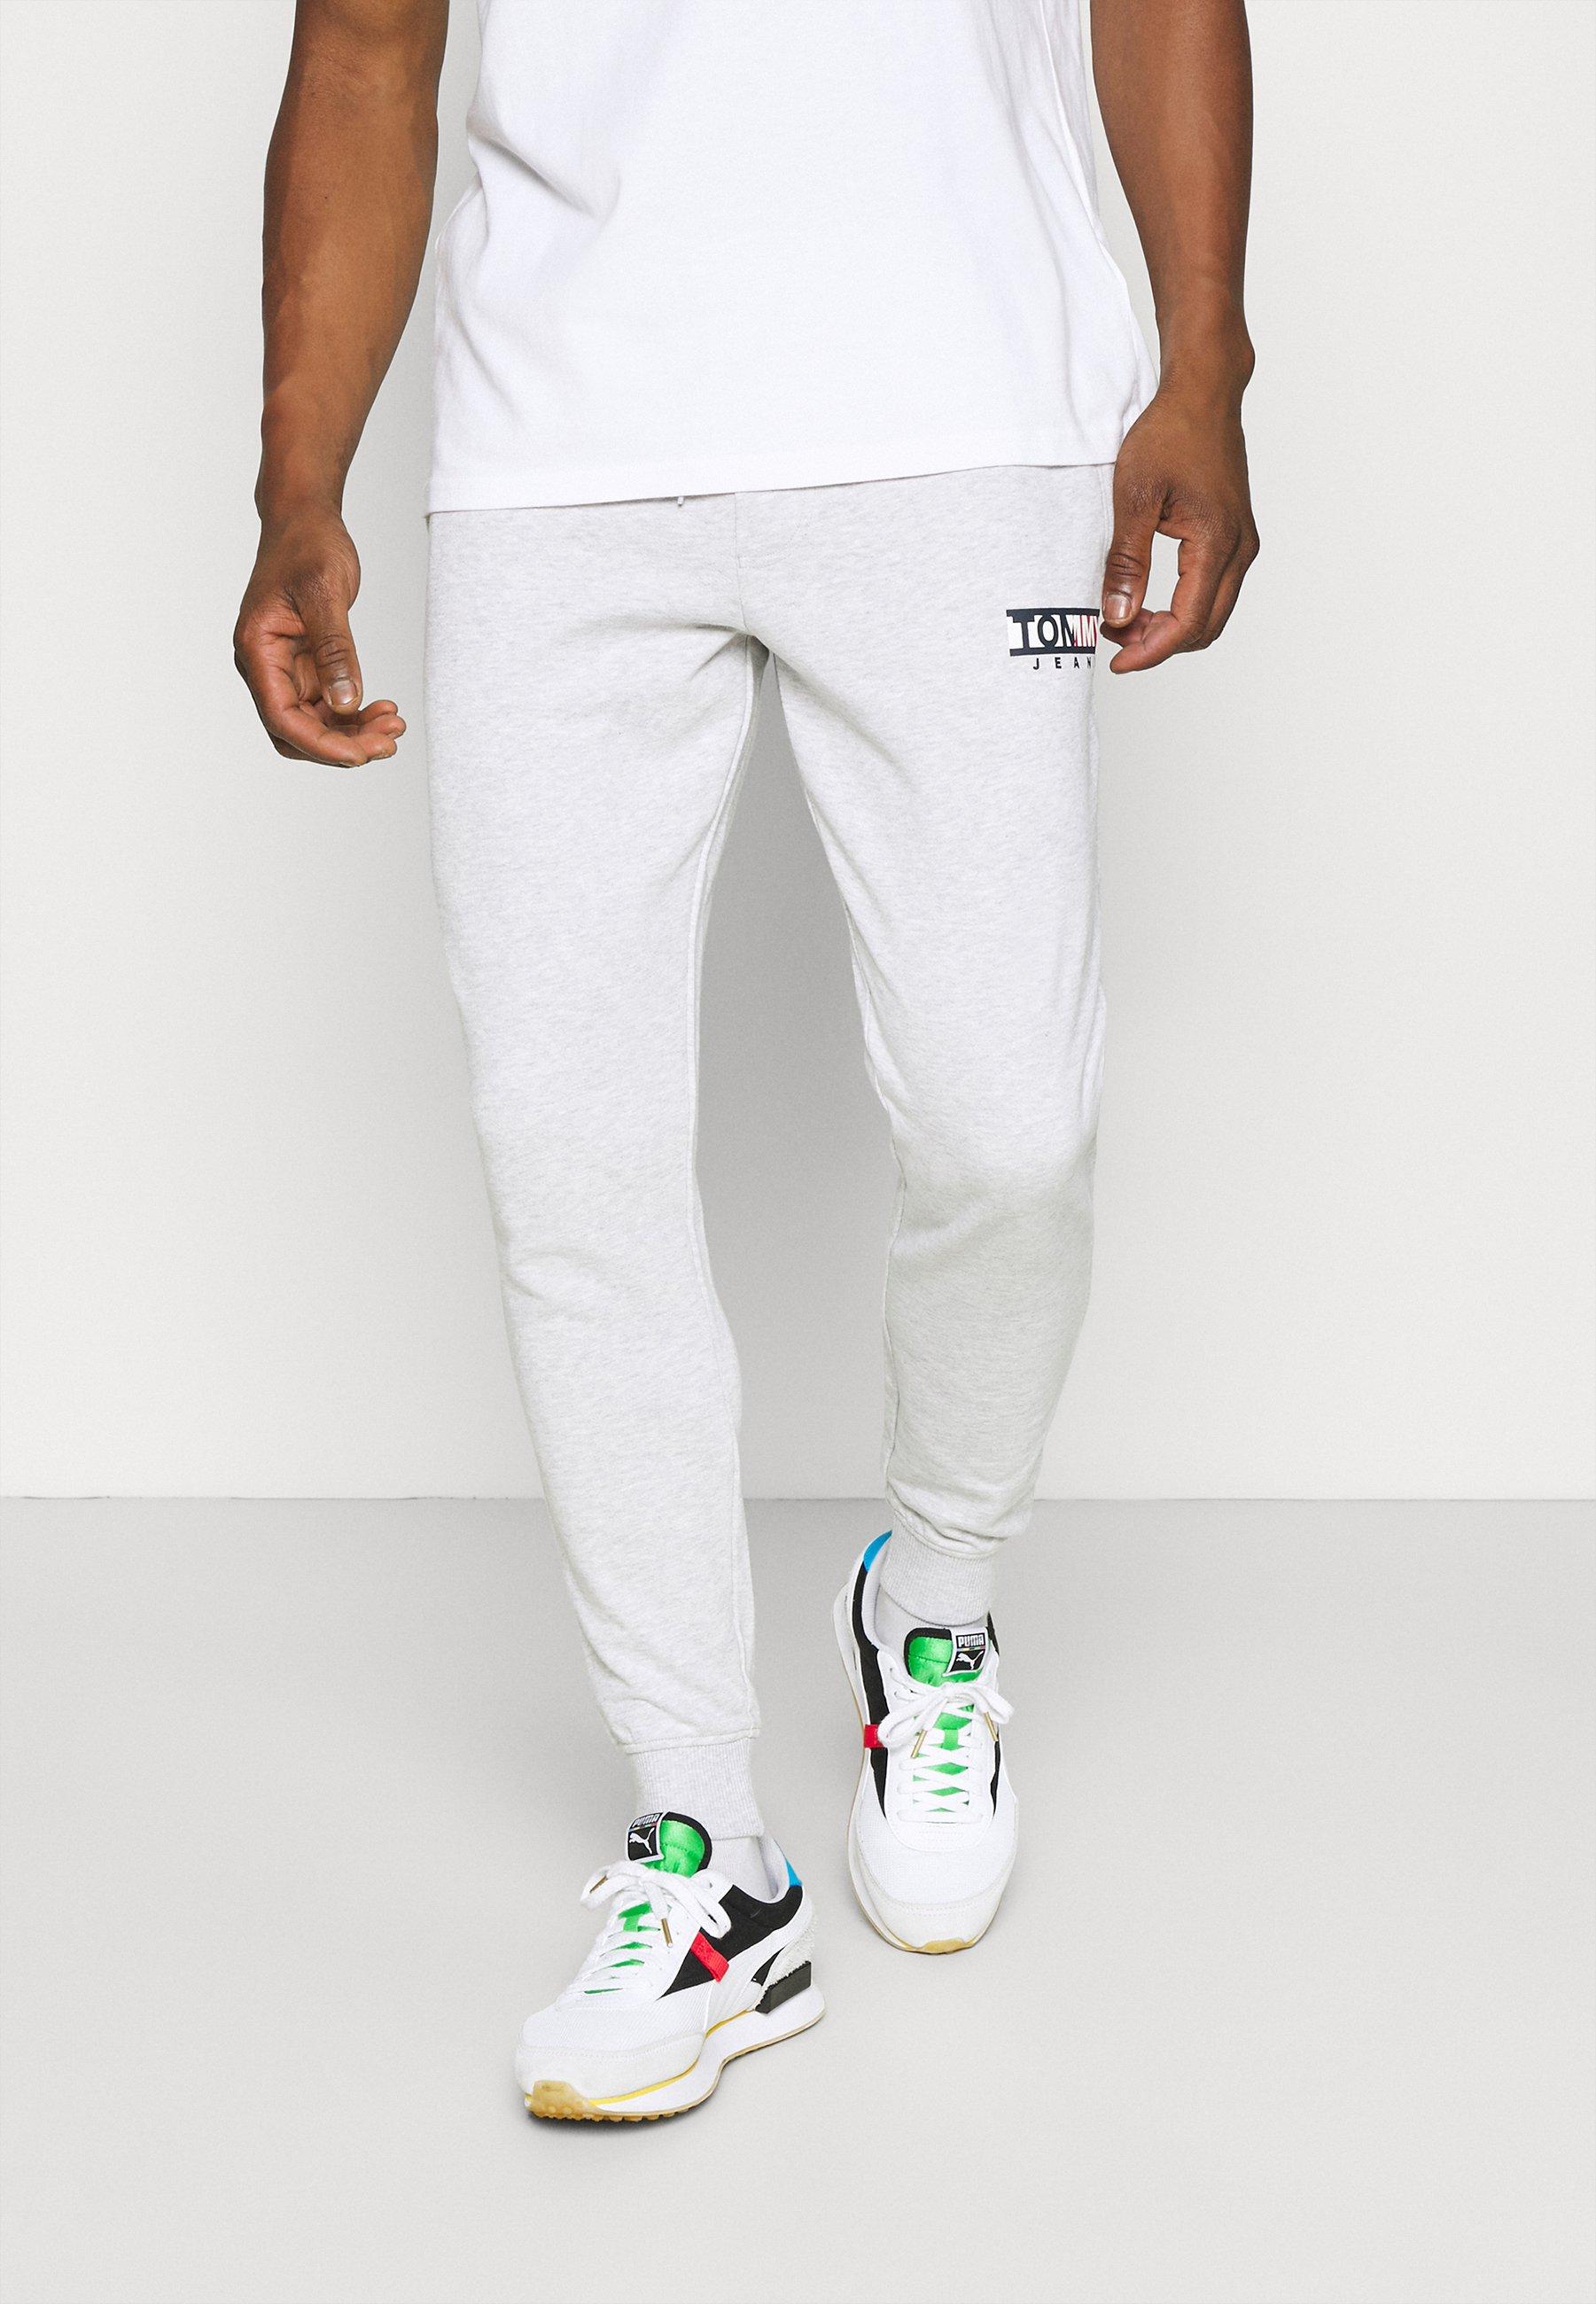 Homme ENTRY GRAPHIC PANT - Pantalon de survêtement - silver grey